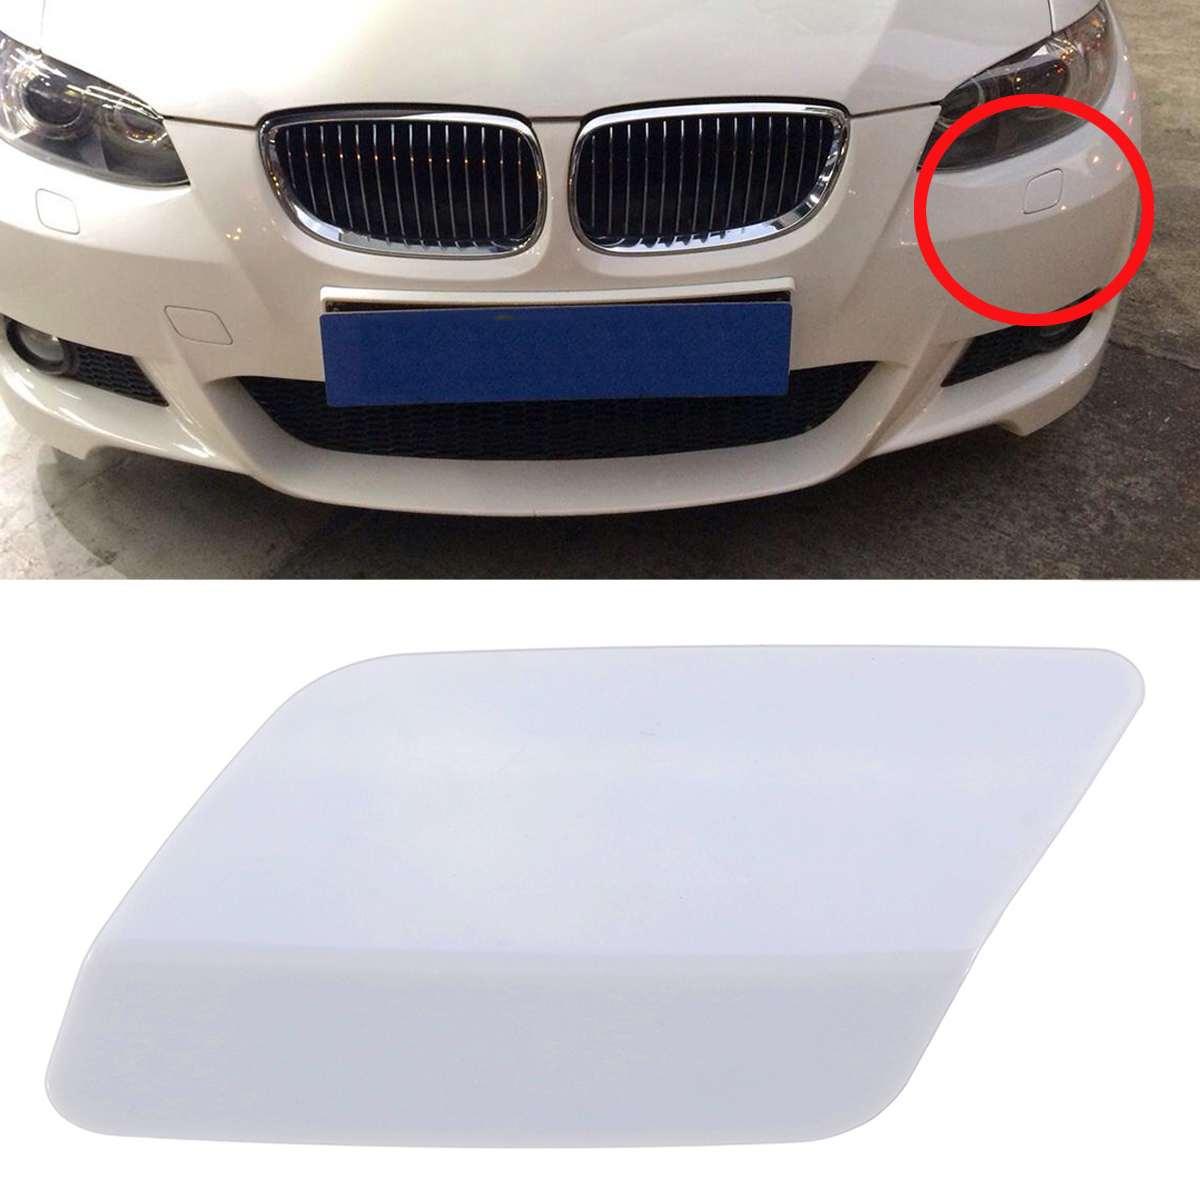 Spruzzatore ugello lavafari Auto per BMW E92 E93 328i Colore: Nero